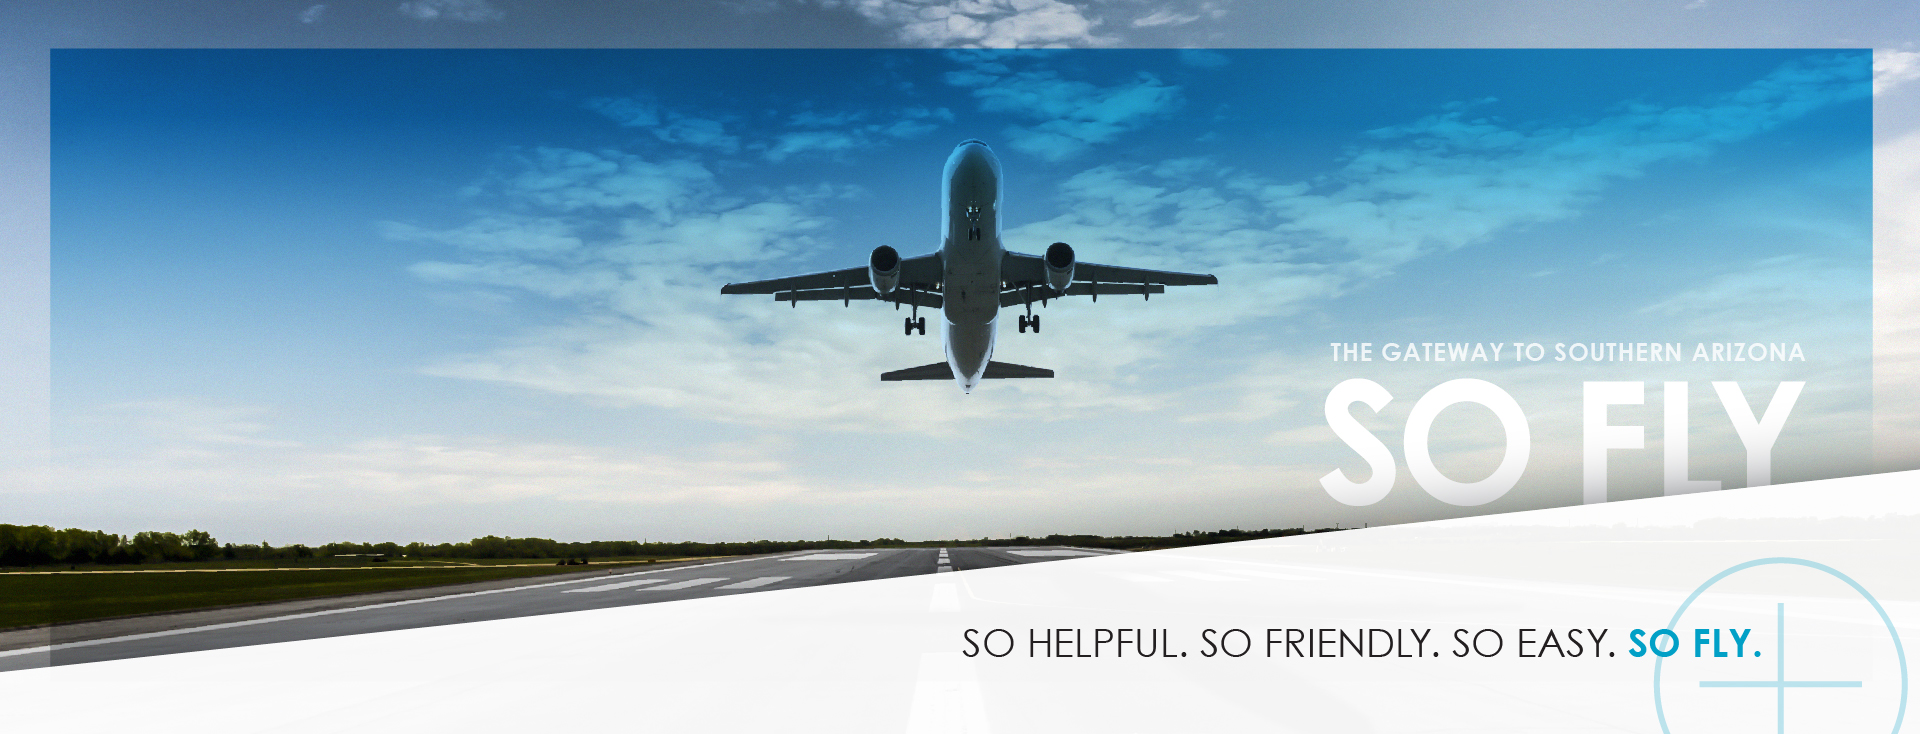 SO FLY Slider 1.jpg